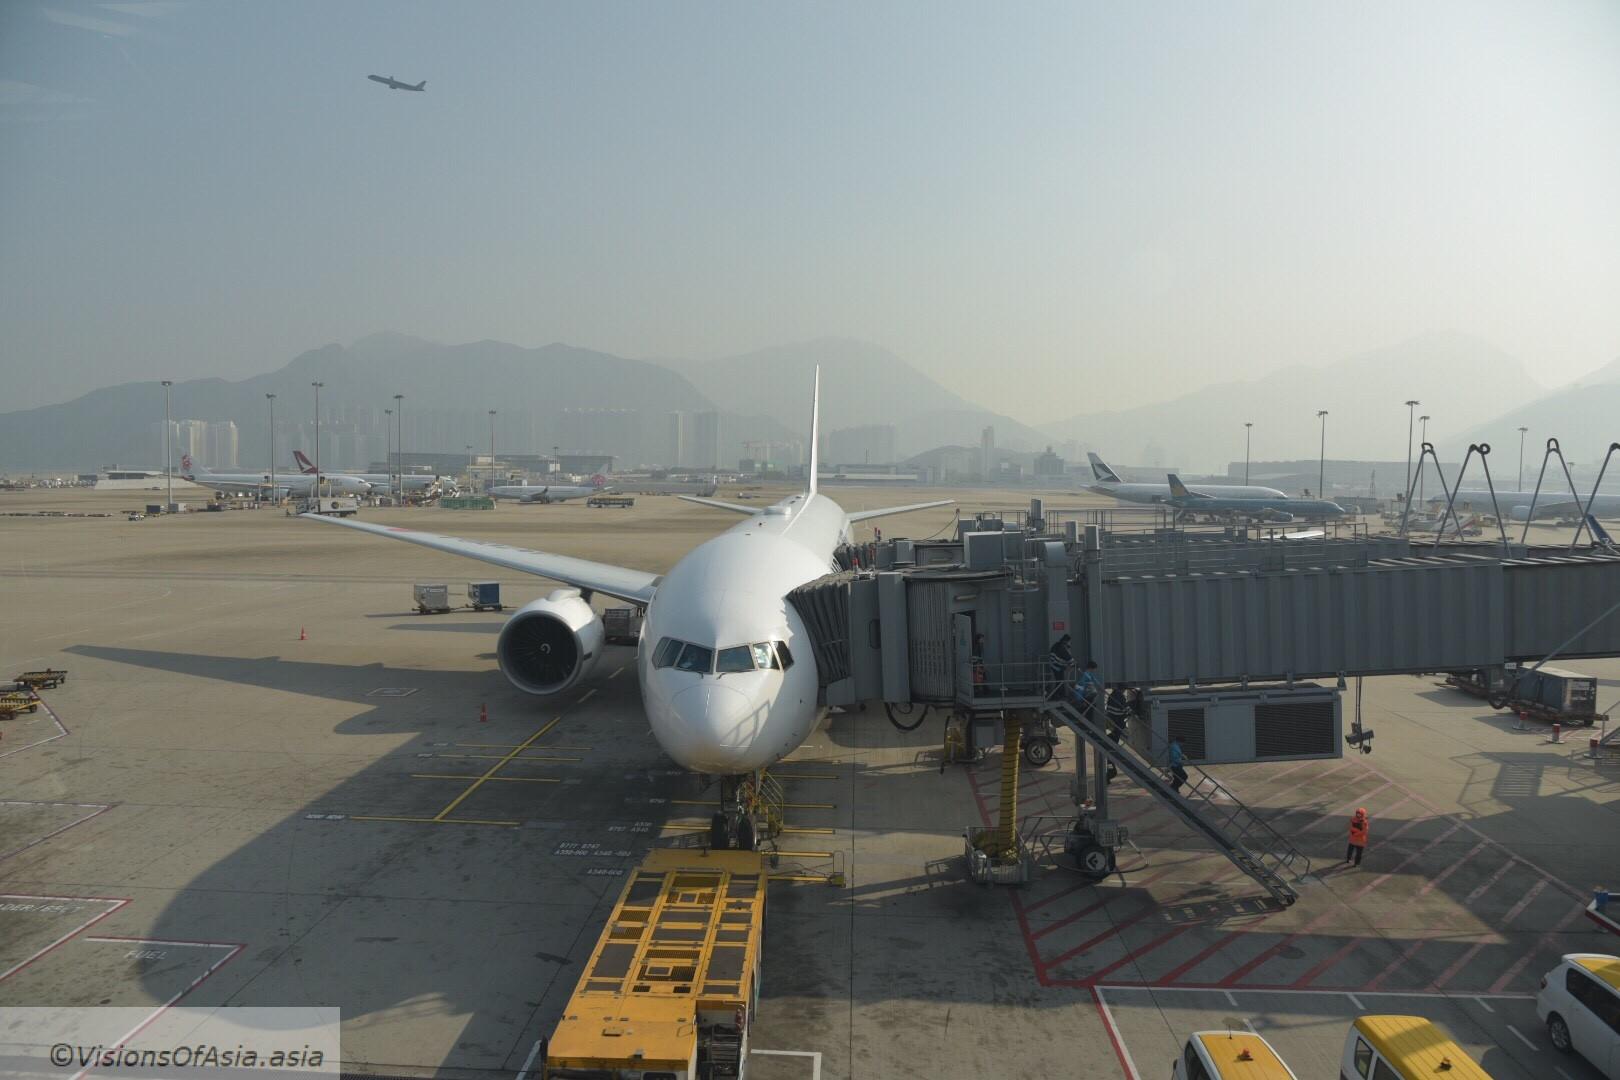 JAL 26 flight